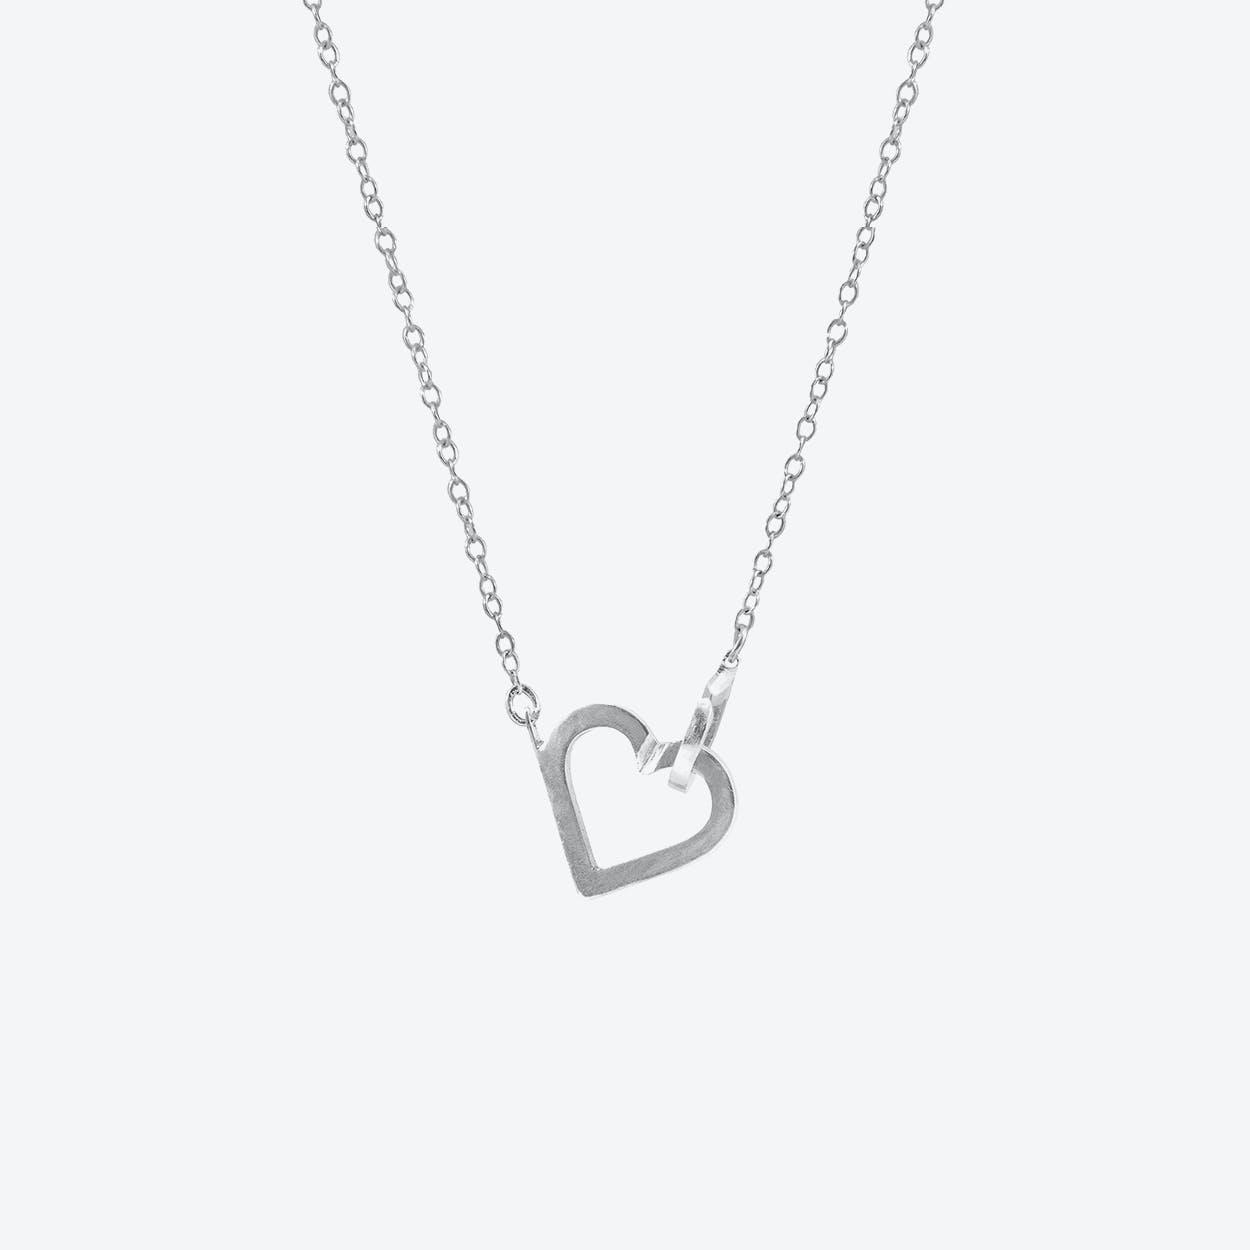 Little Heart Link Paradise Silver Necklace Pendant